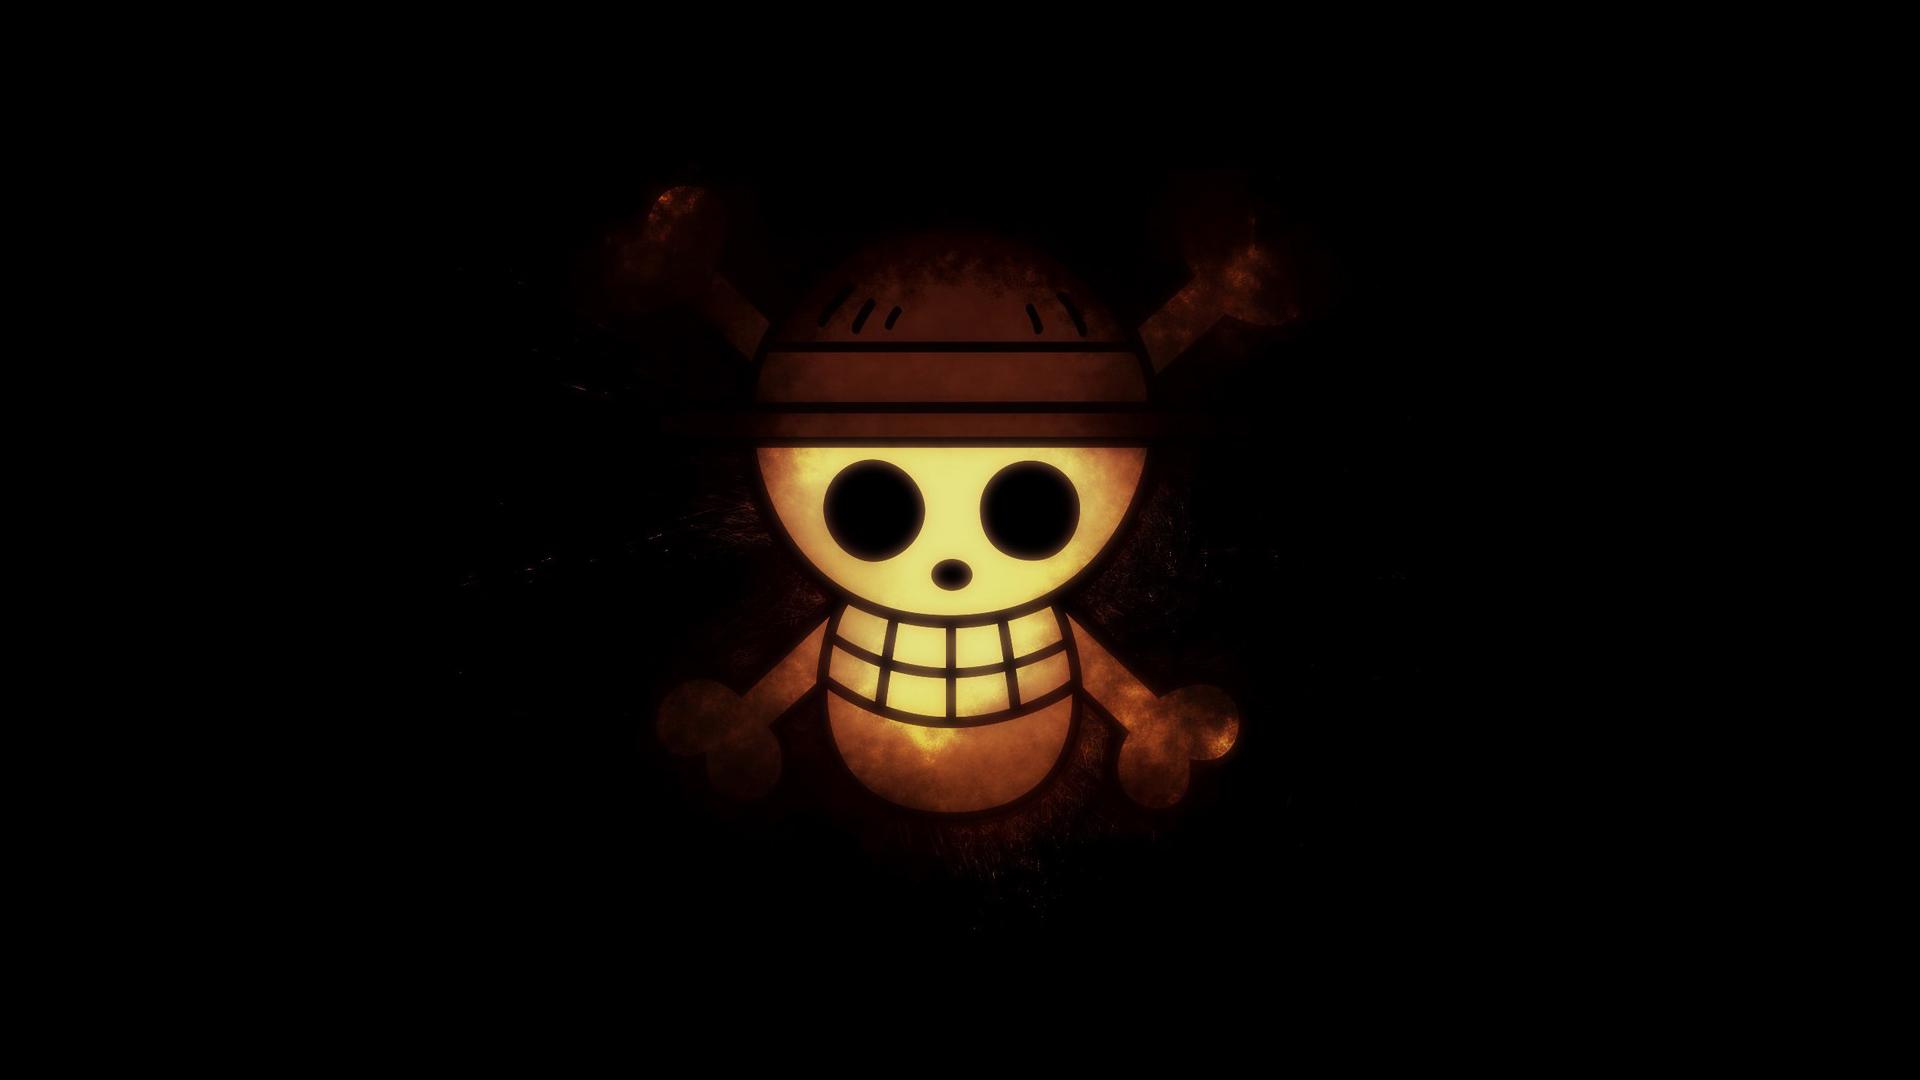 mugiwara straw hat pirates flag logo one piece anime hd wallpaper 1920x1080